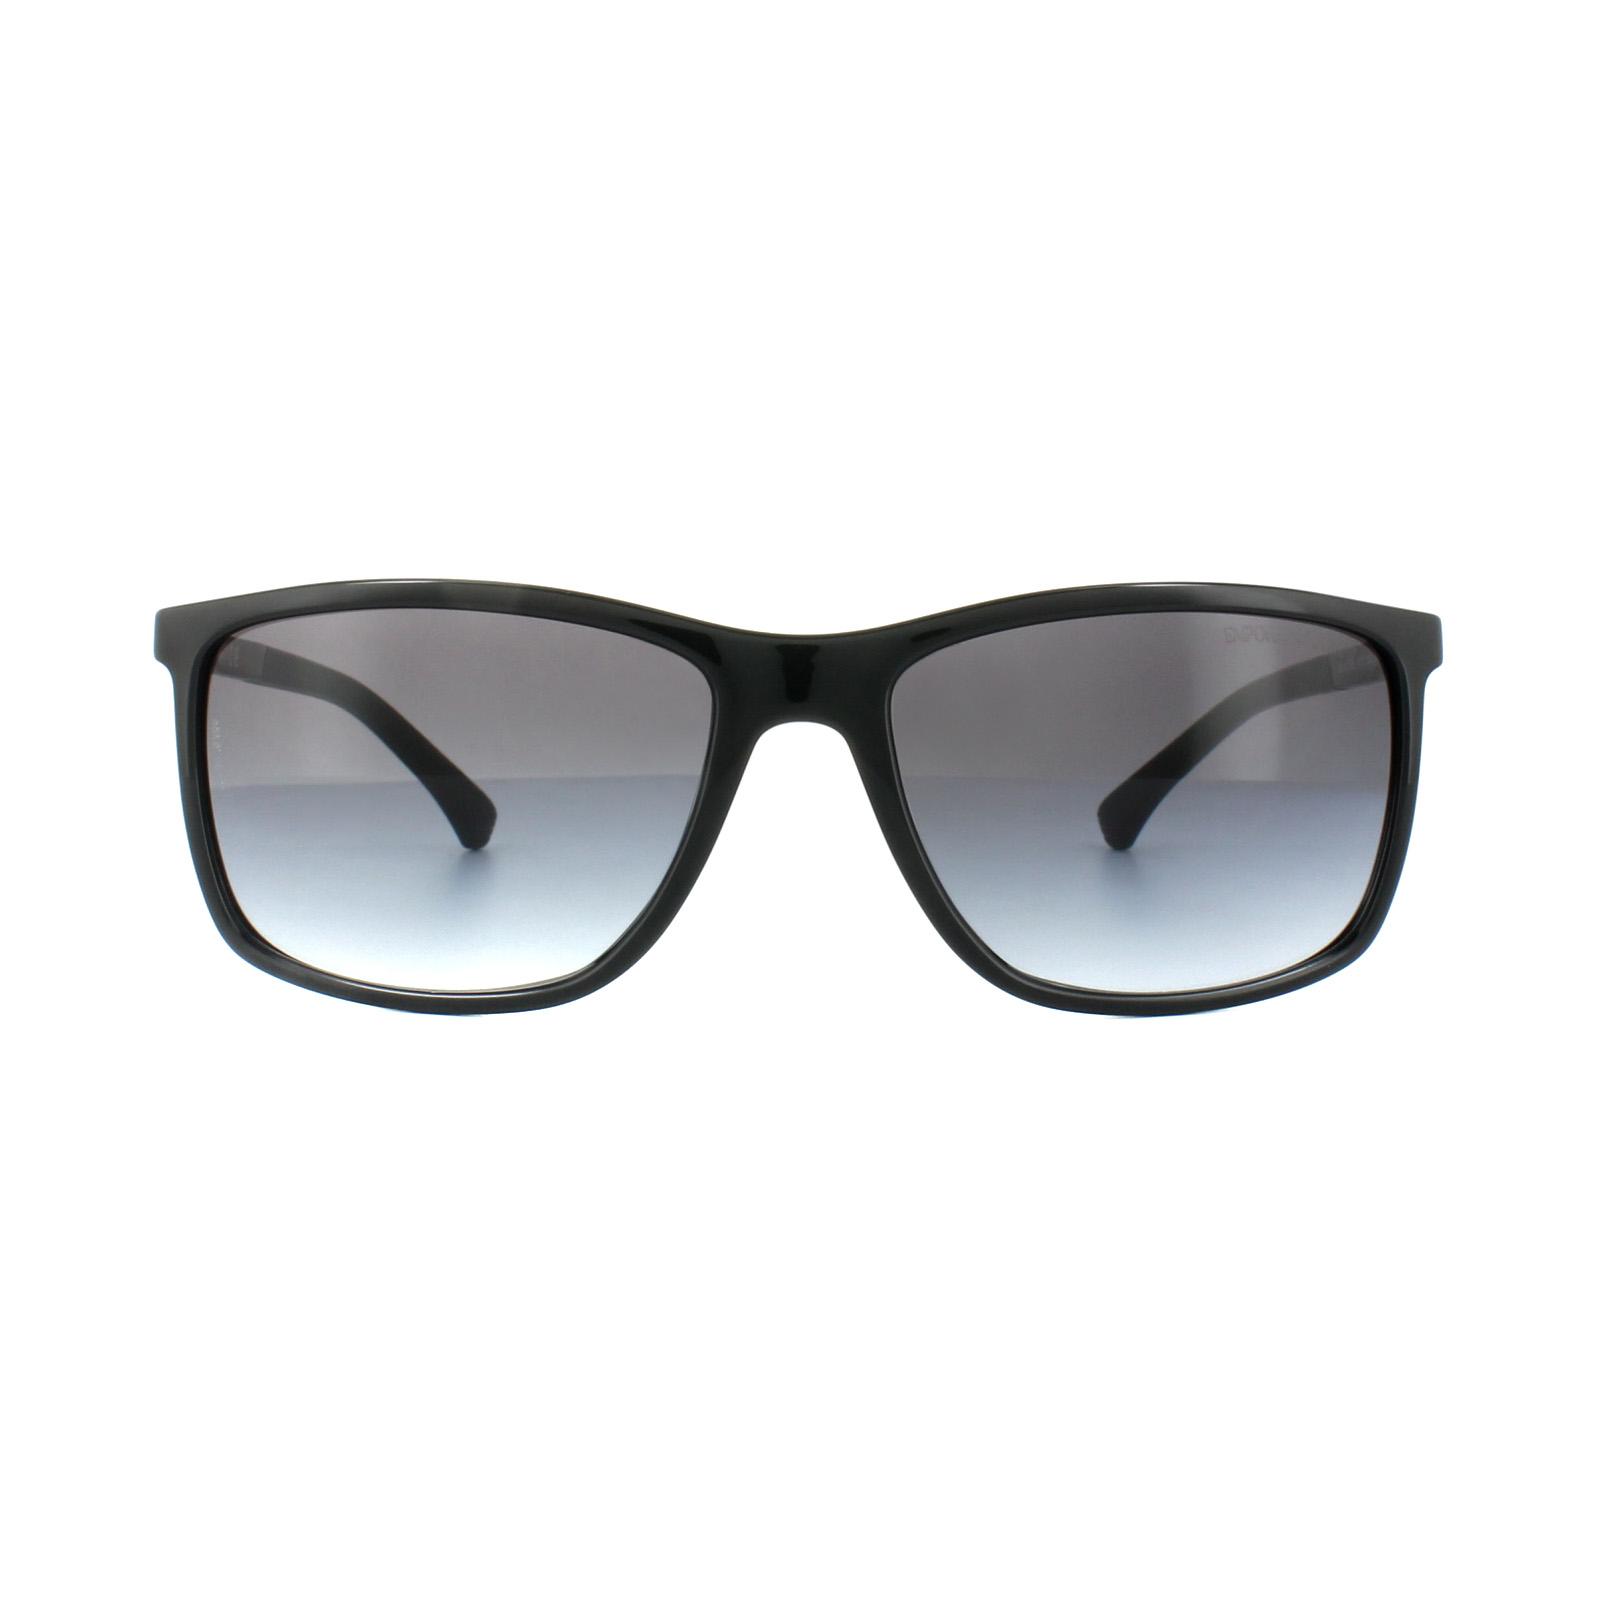 a084ae4b54f Sentinel Emporio Armani Sunglasses EA4058 5017 8G Black Grey Gradient